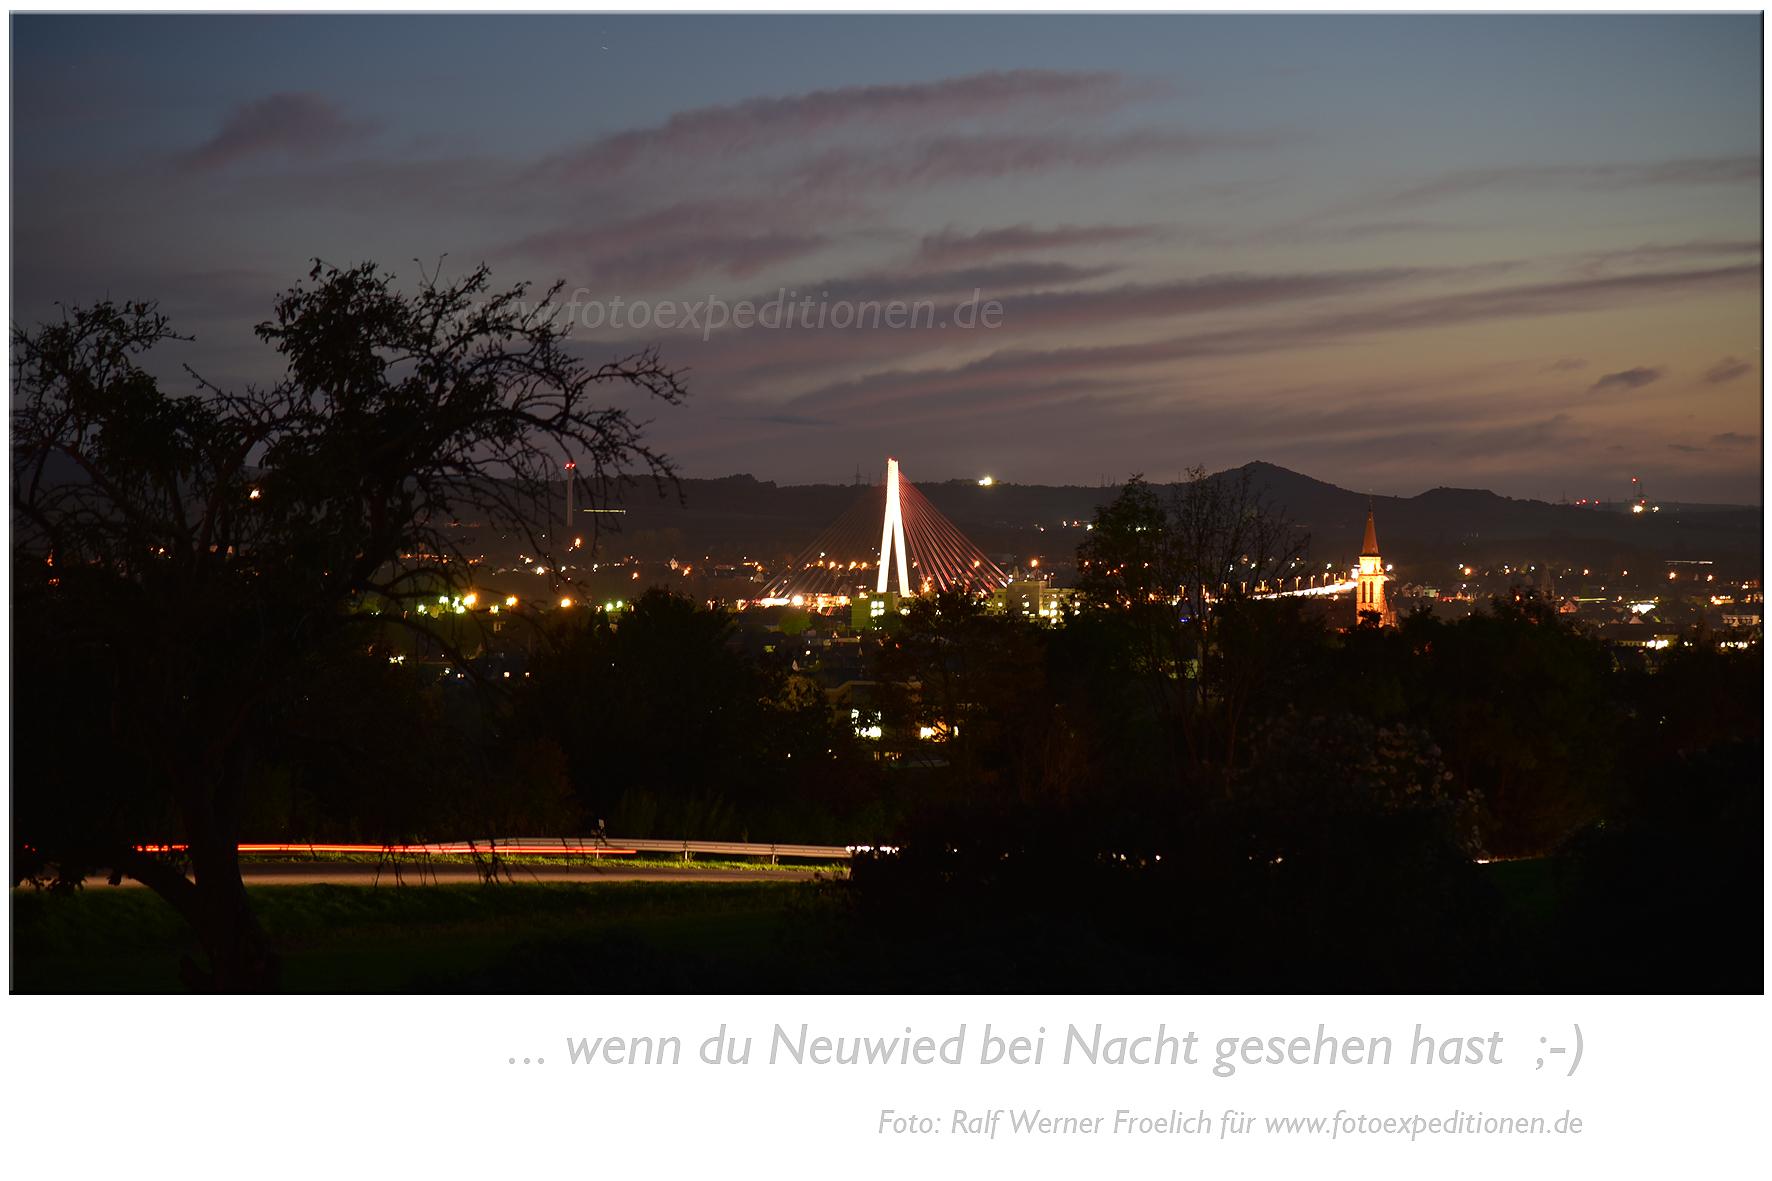 Kirmes in Neuwied